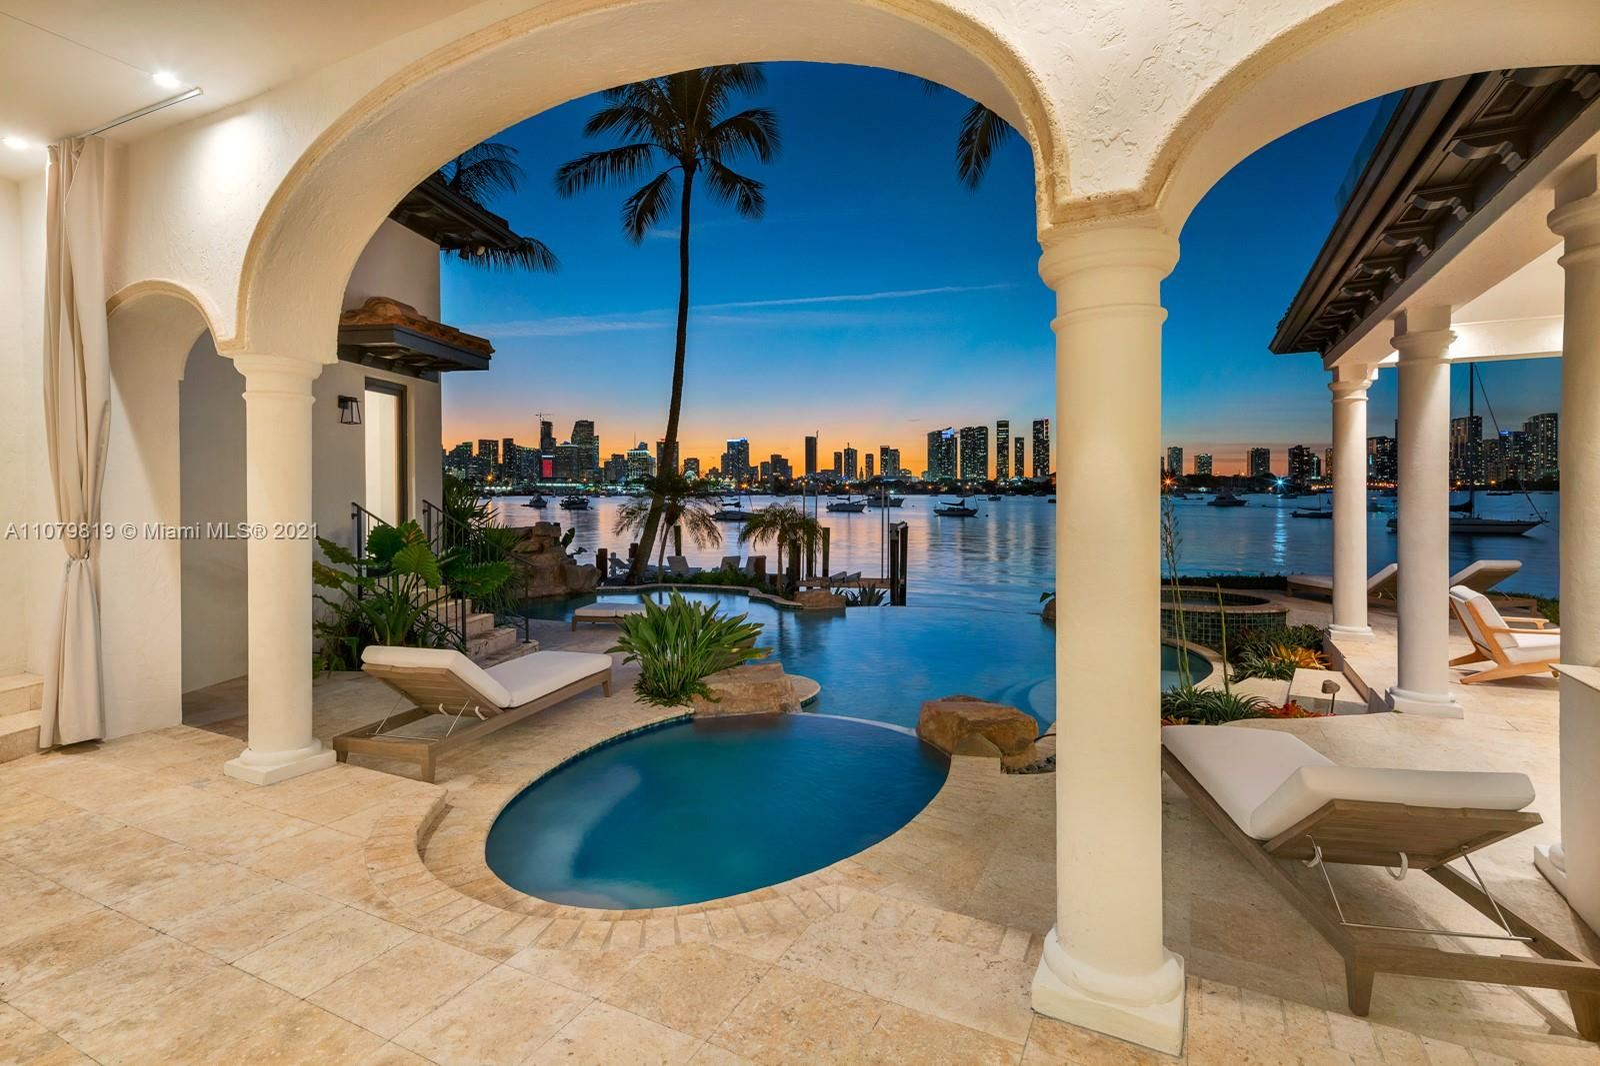 432 S Hibiscus Dr, Miami Beach, FL 33139 - #: A11079819